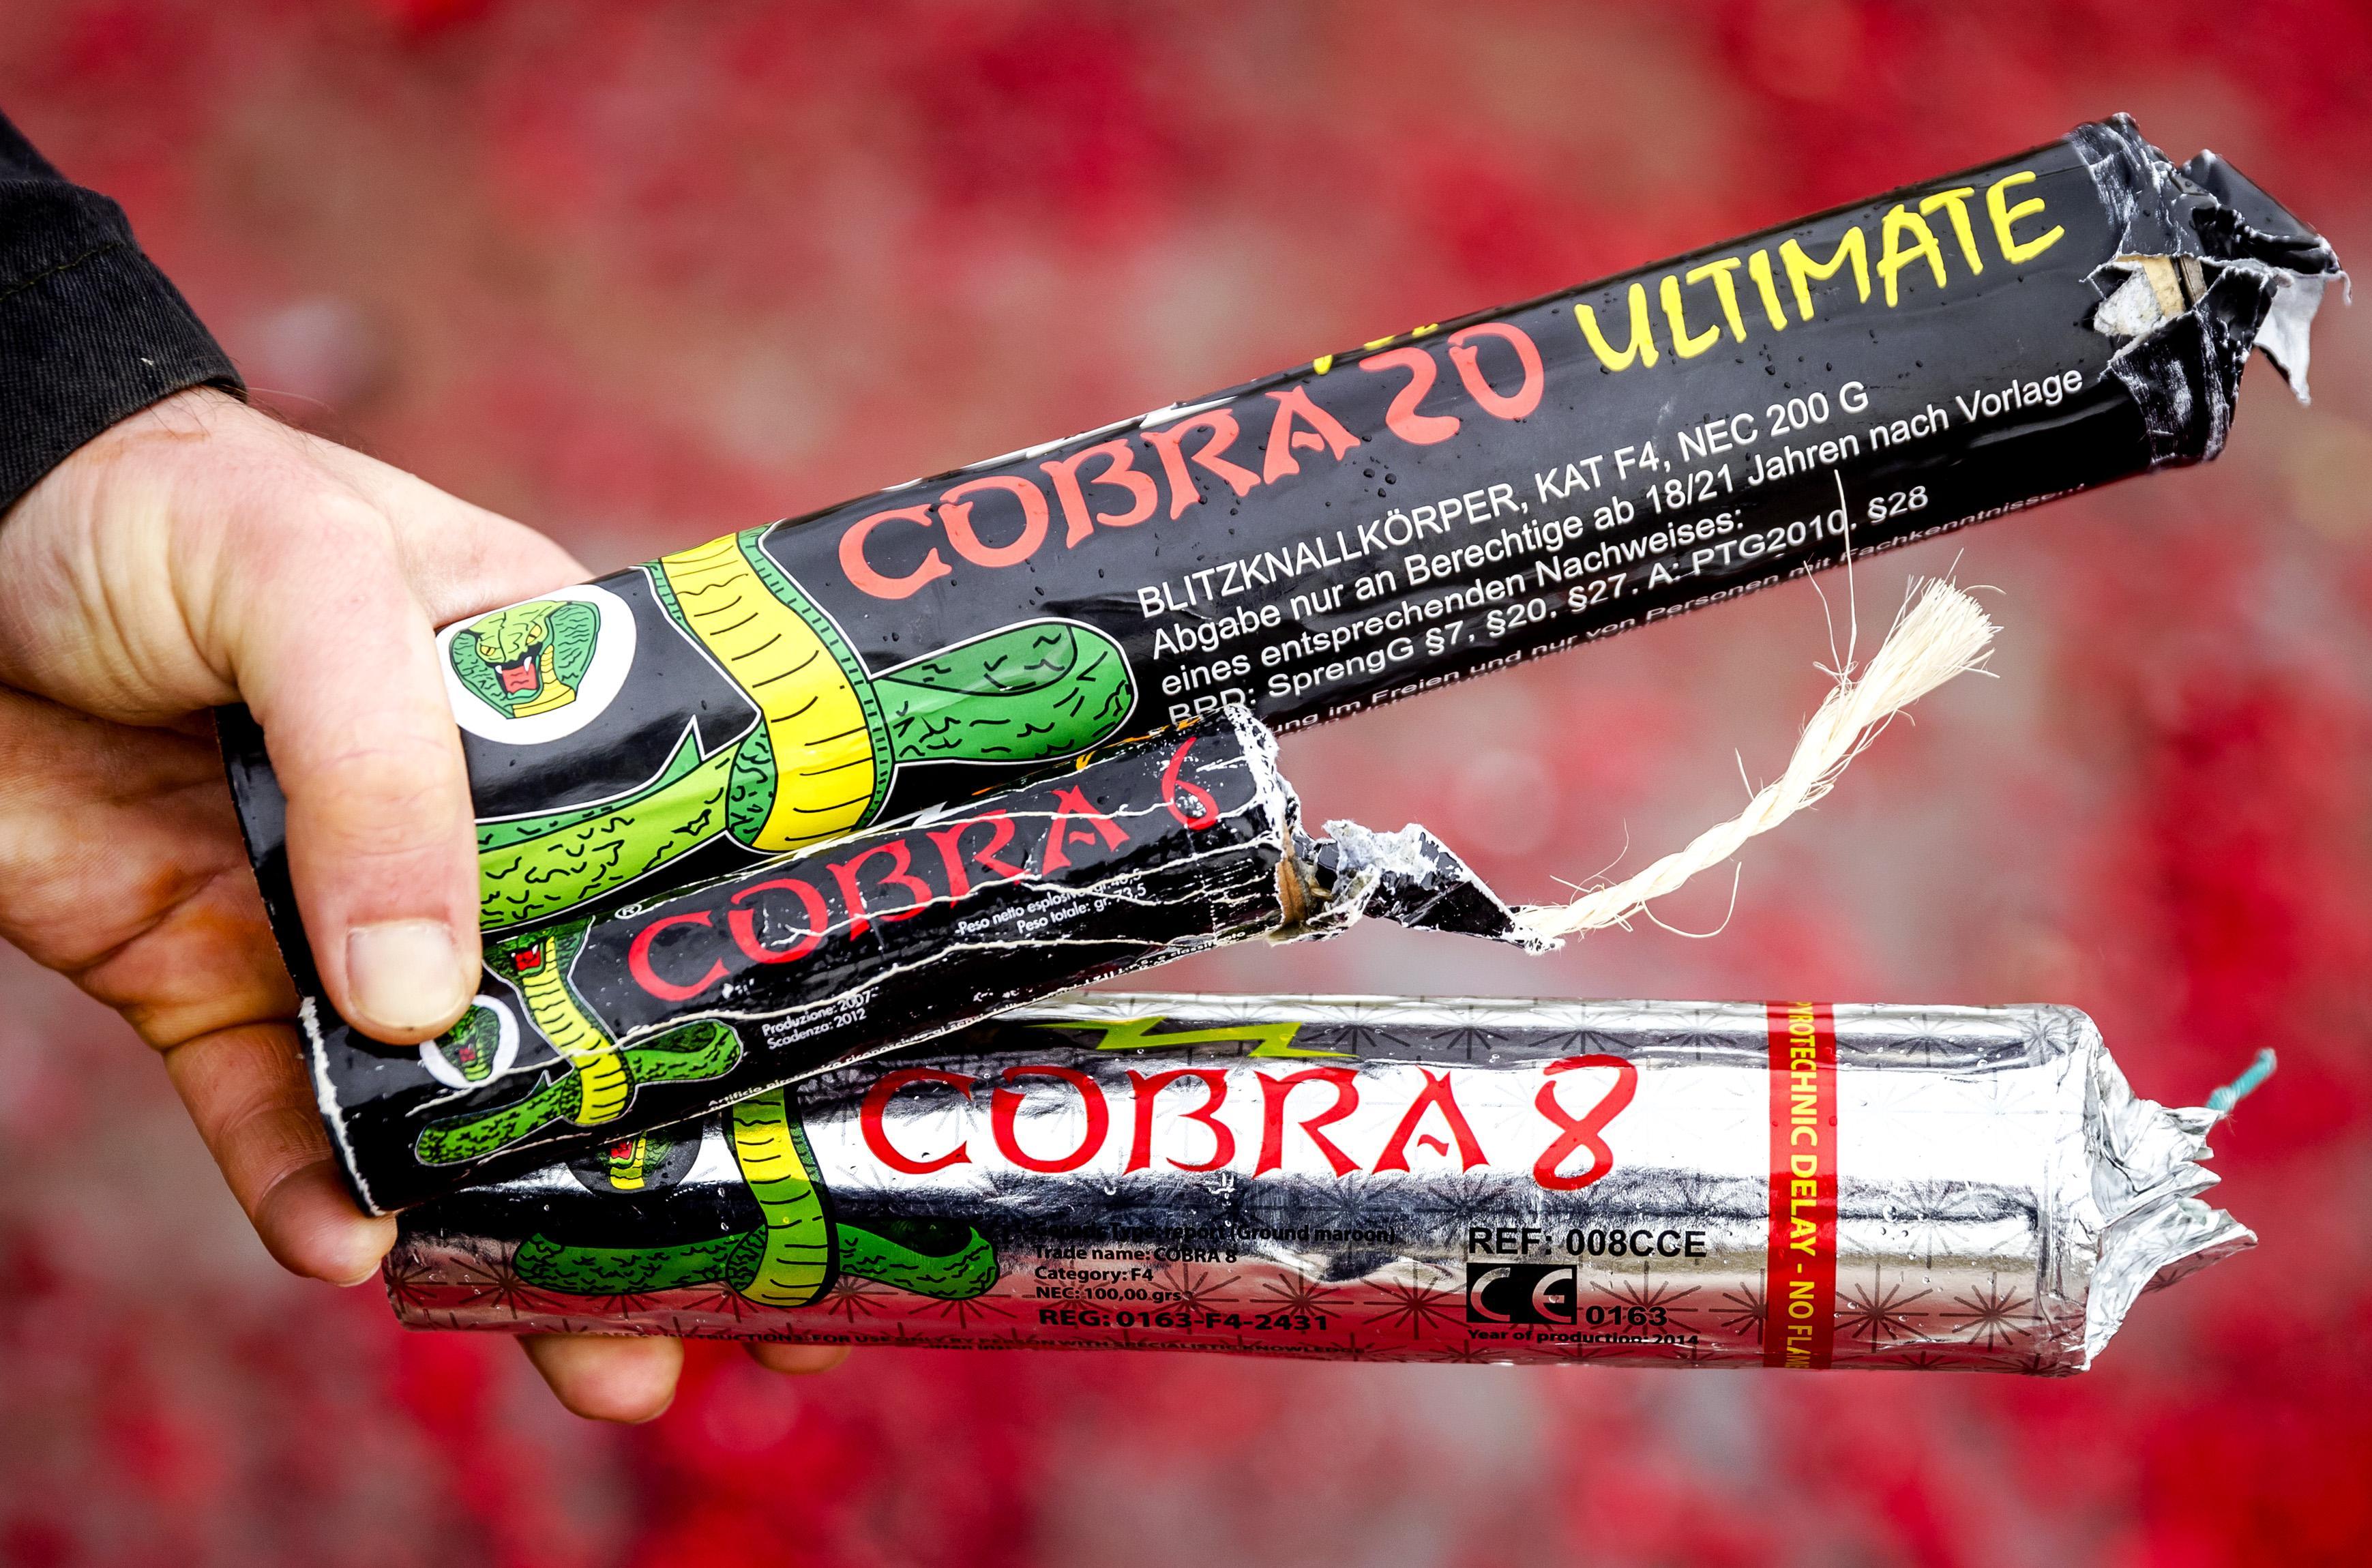 Zaandammers veroordeeld voor bezit illegaal vuurwerk